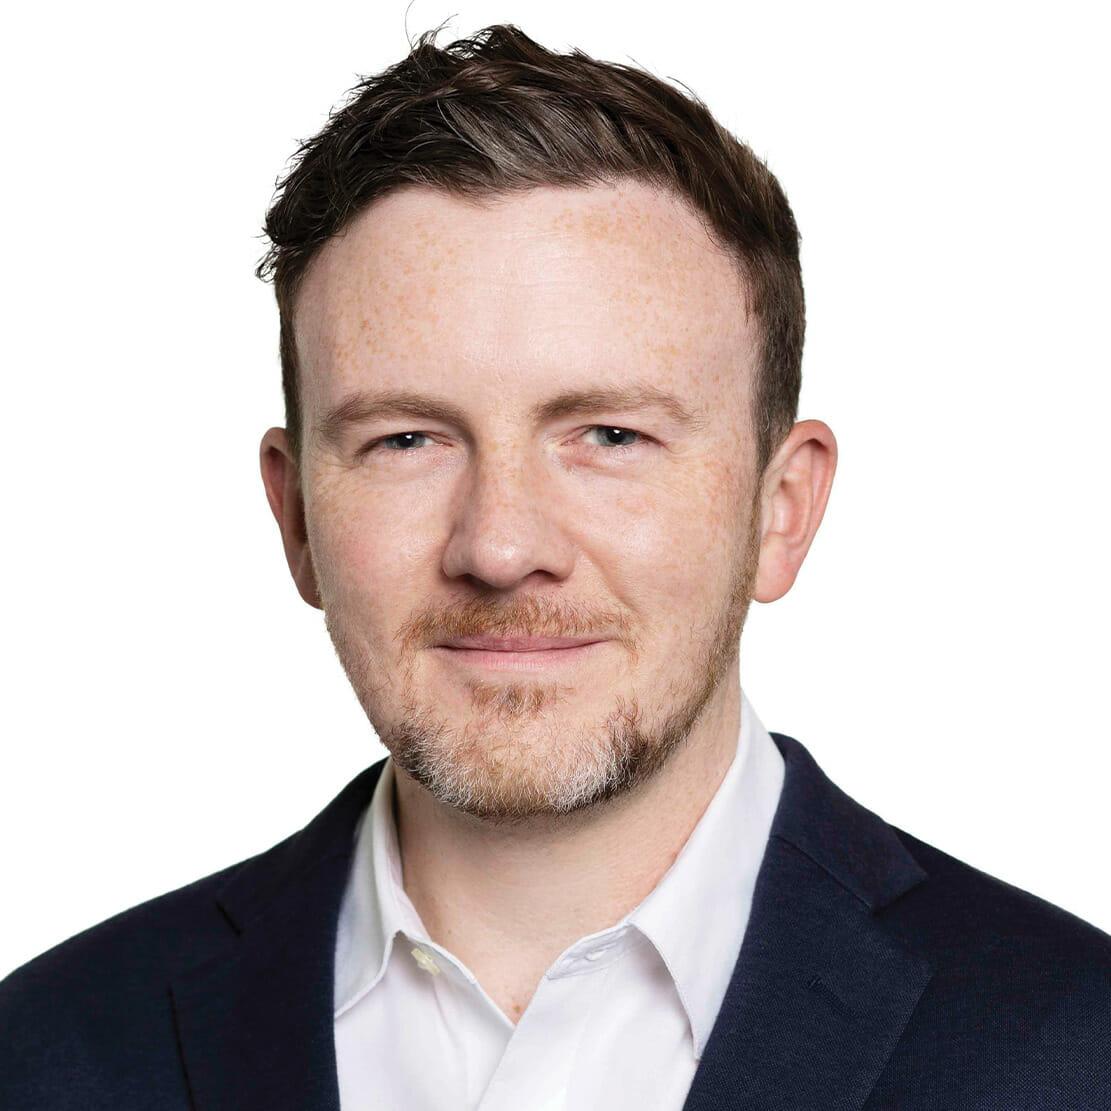 Daniel Connolly